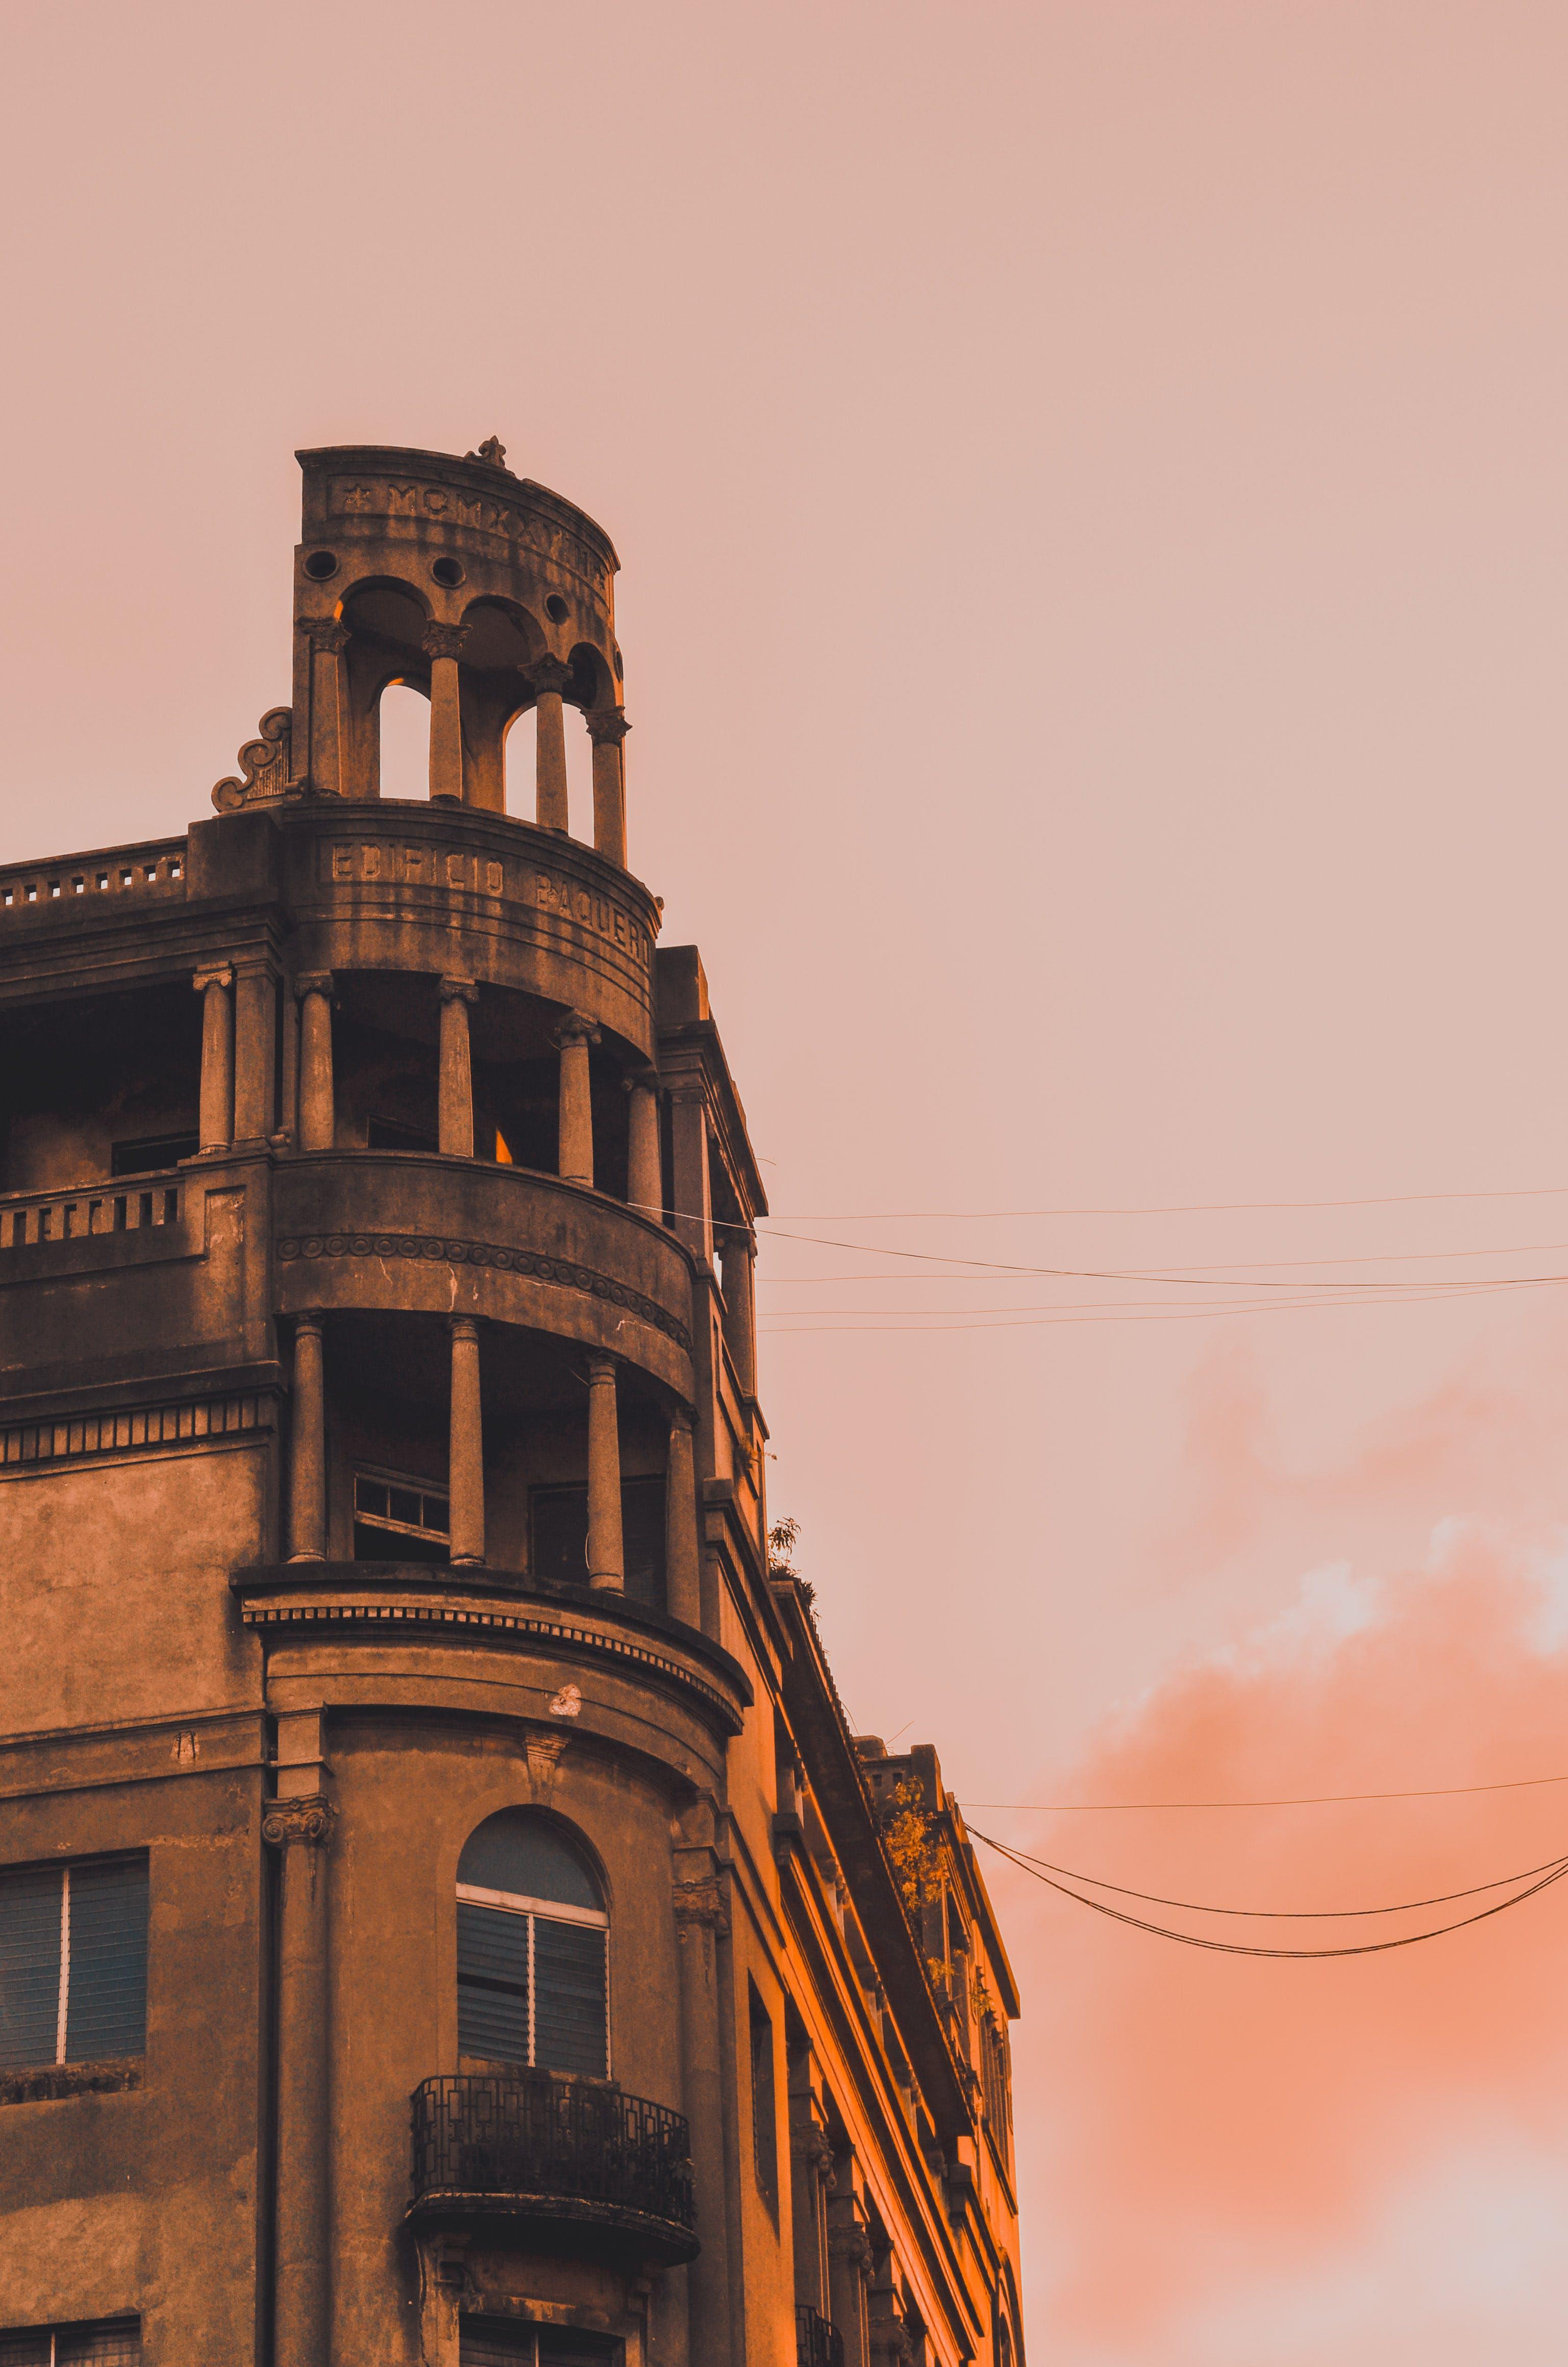 Gratis stockfoto met architectuur, attractie, buitenkant, daglicht